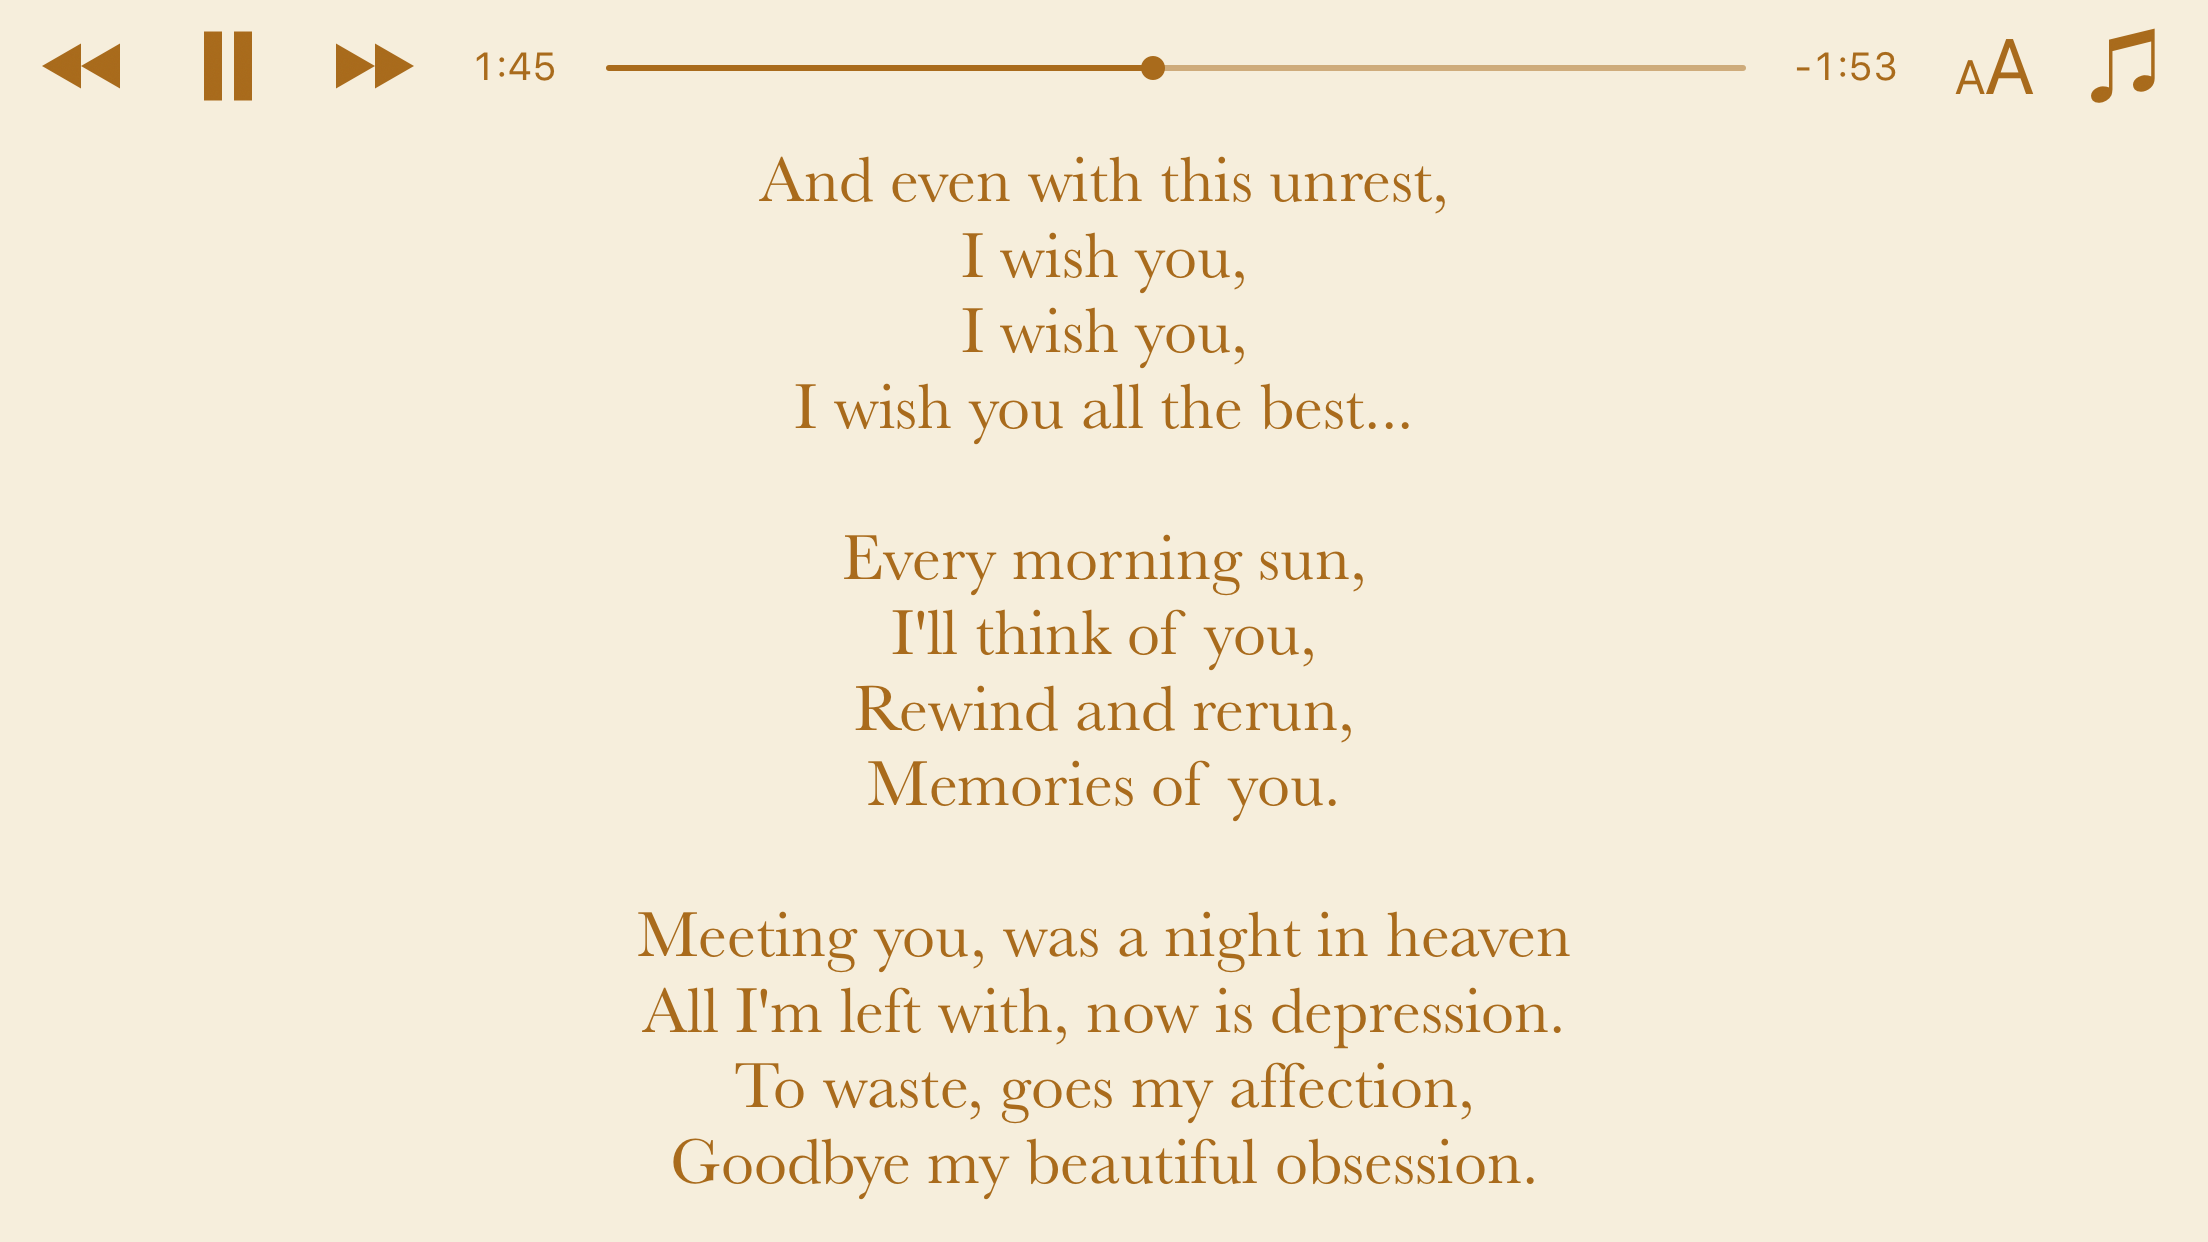 lyrics_view_iphone_screenshot_3.PNG